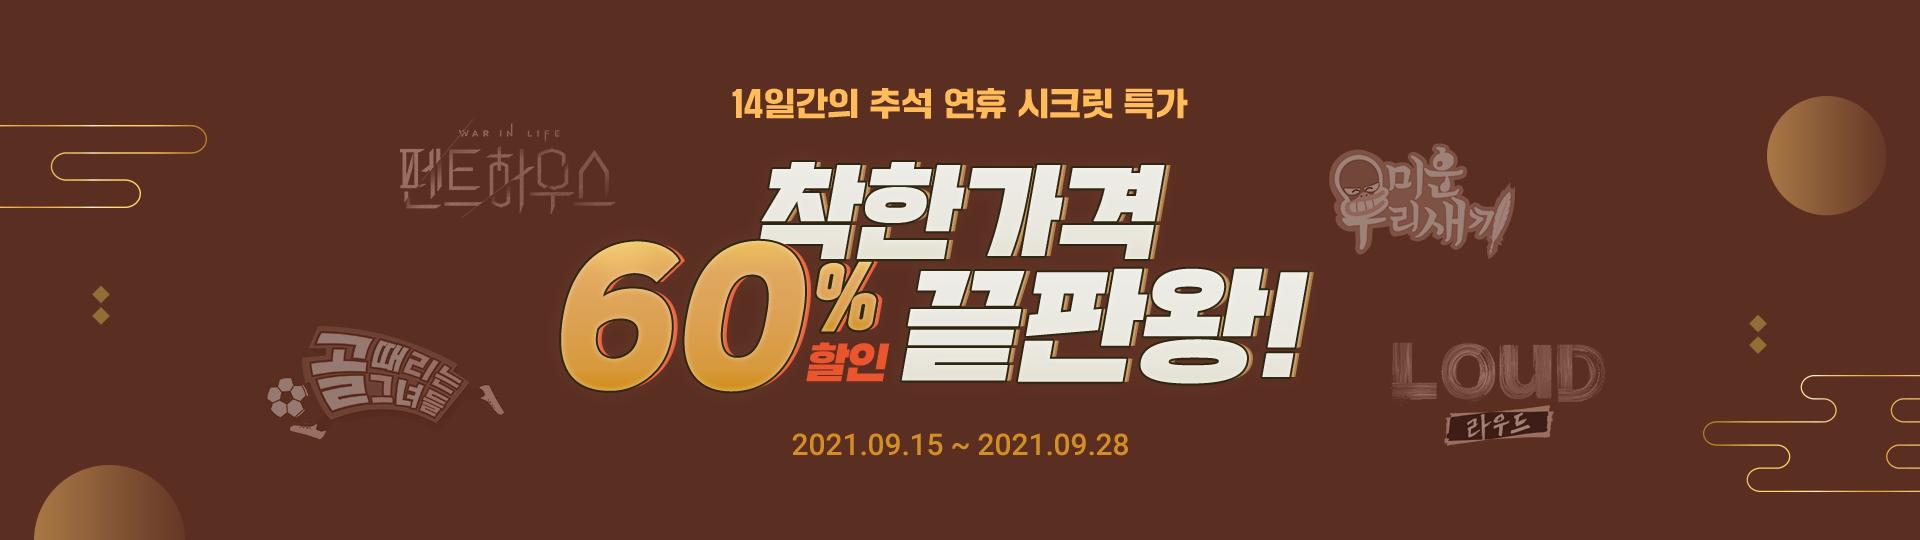 14일간의 추석 연휴 시크릿 특가 착한 가격 60% 할인 끝판왕! 2021.09.15~2021.09.28